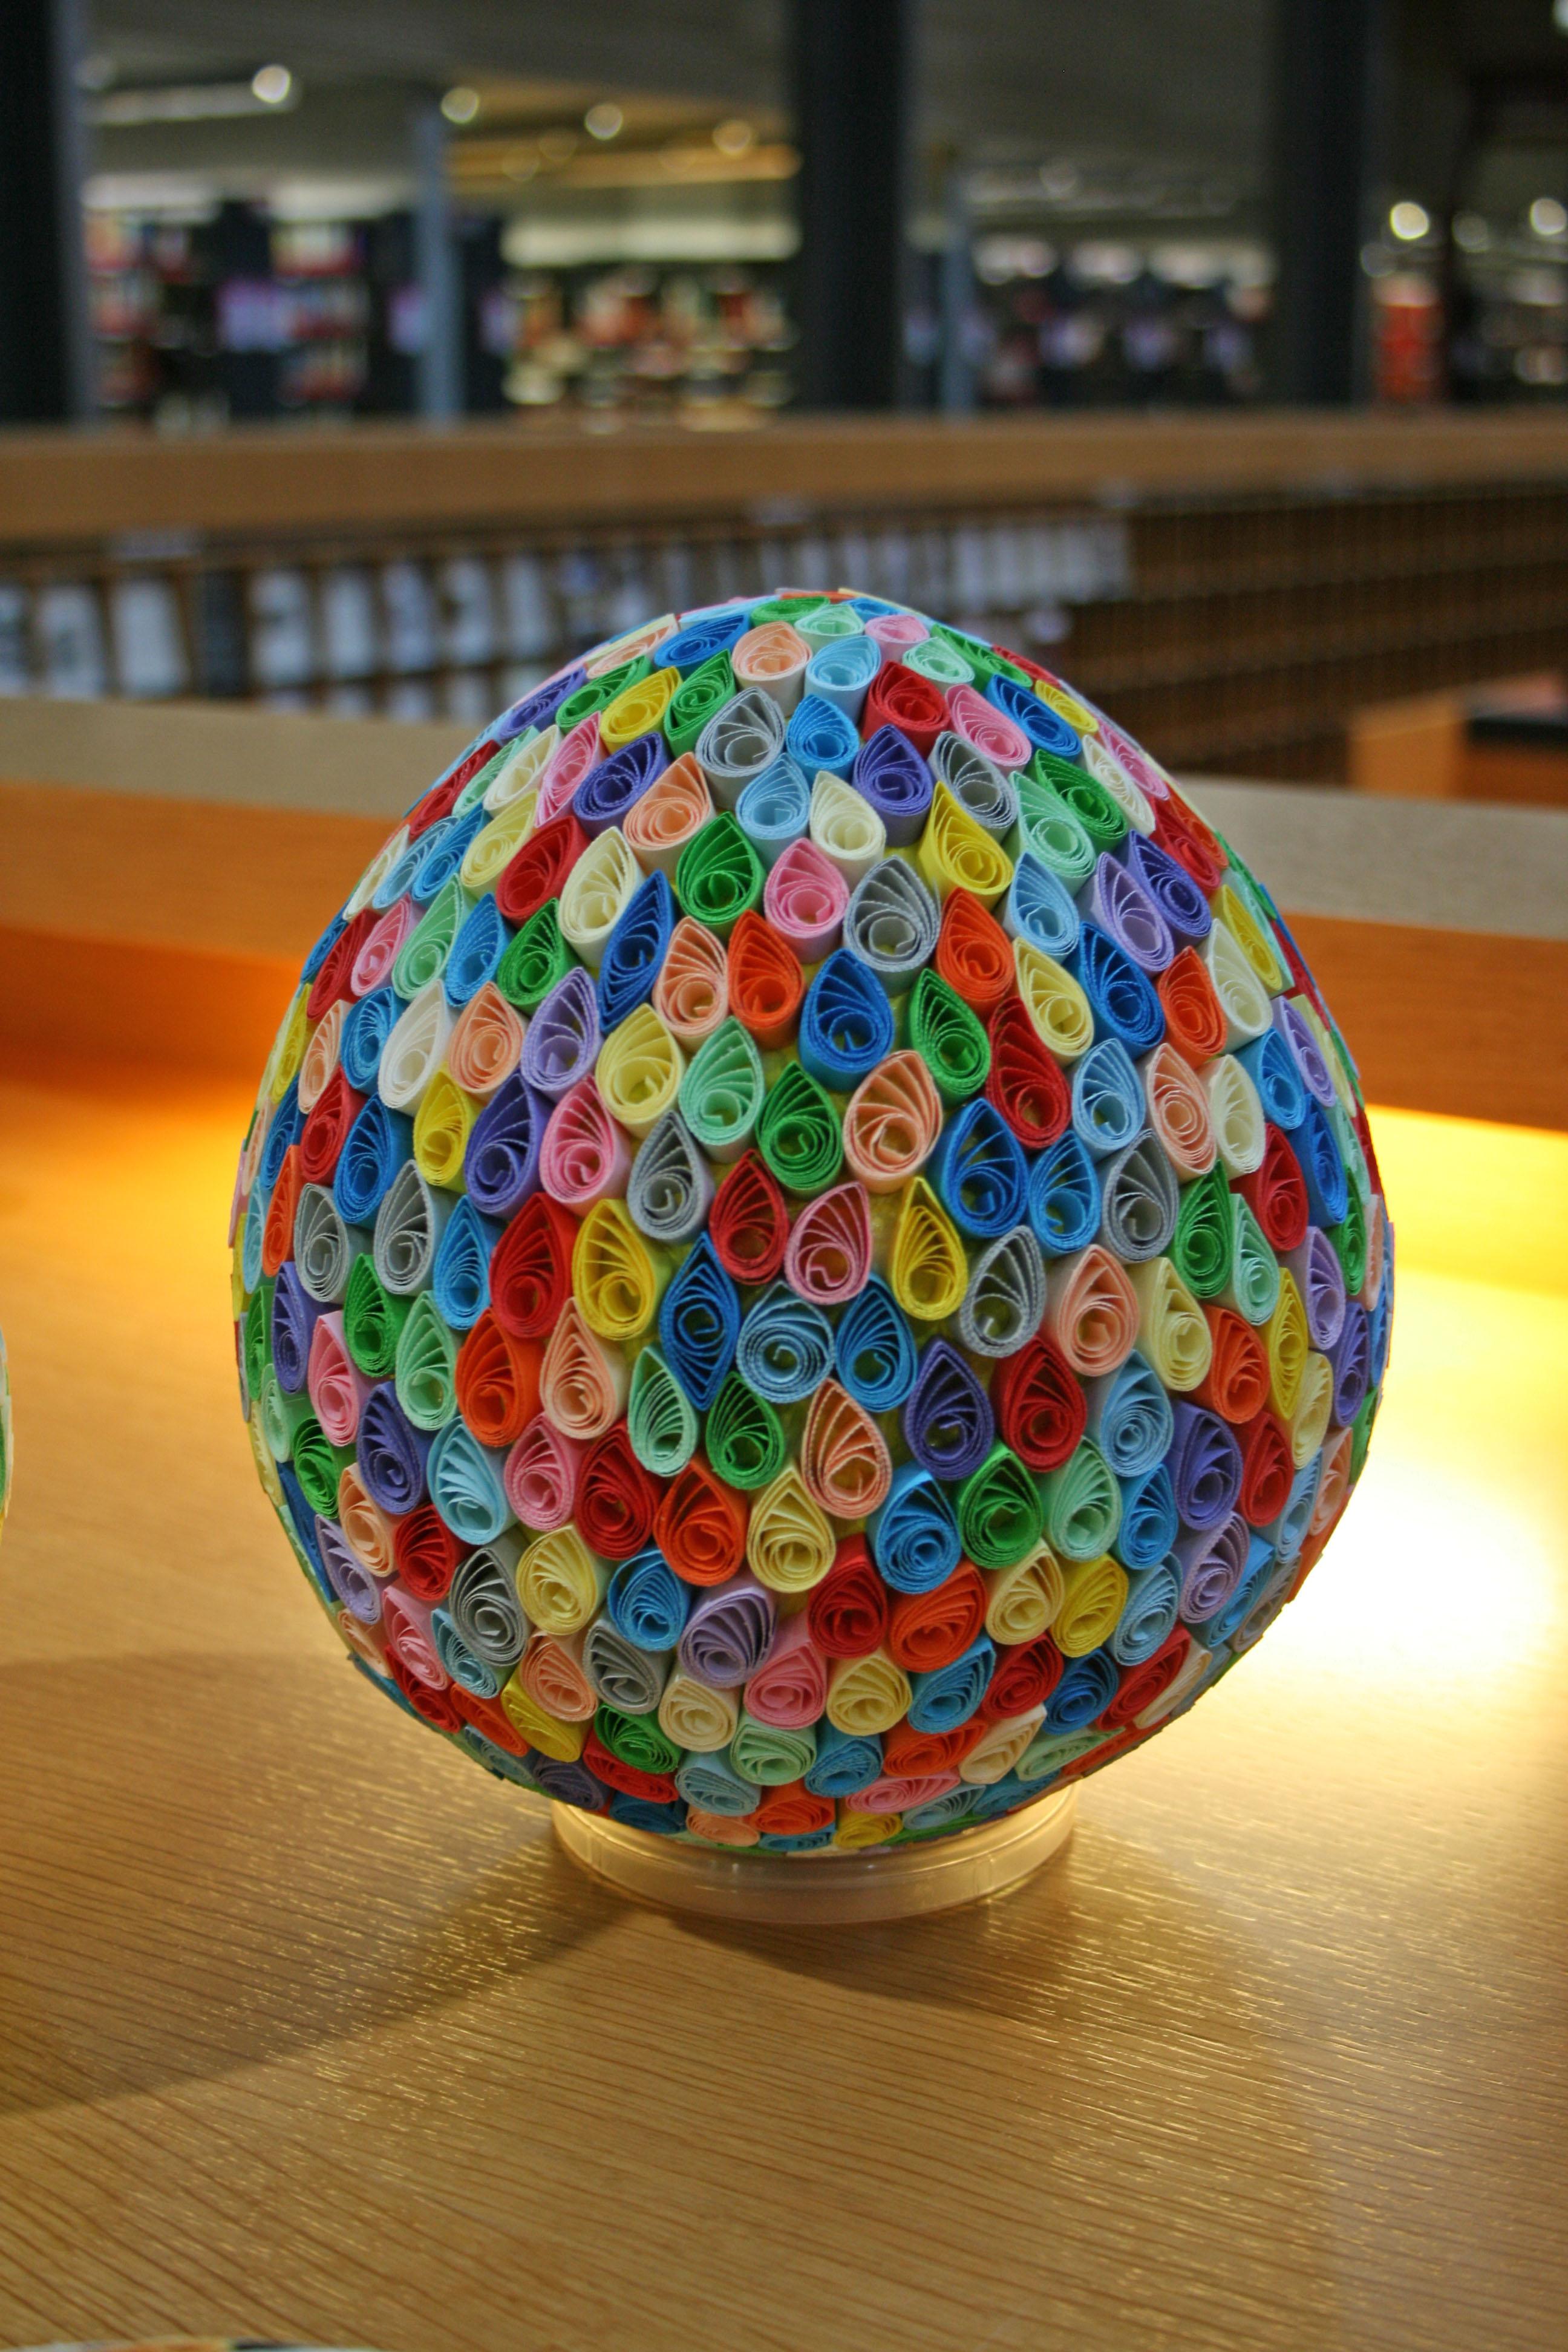 Ein großes Ei, mit bunten, fröhlichen Farben beklebt.